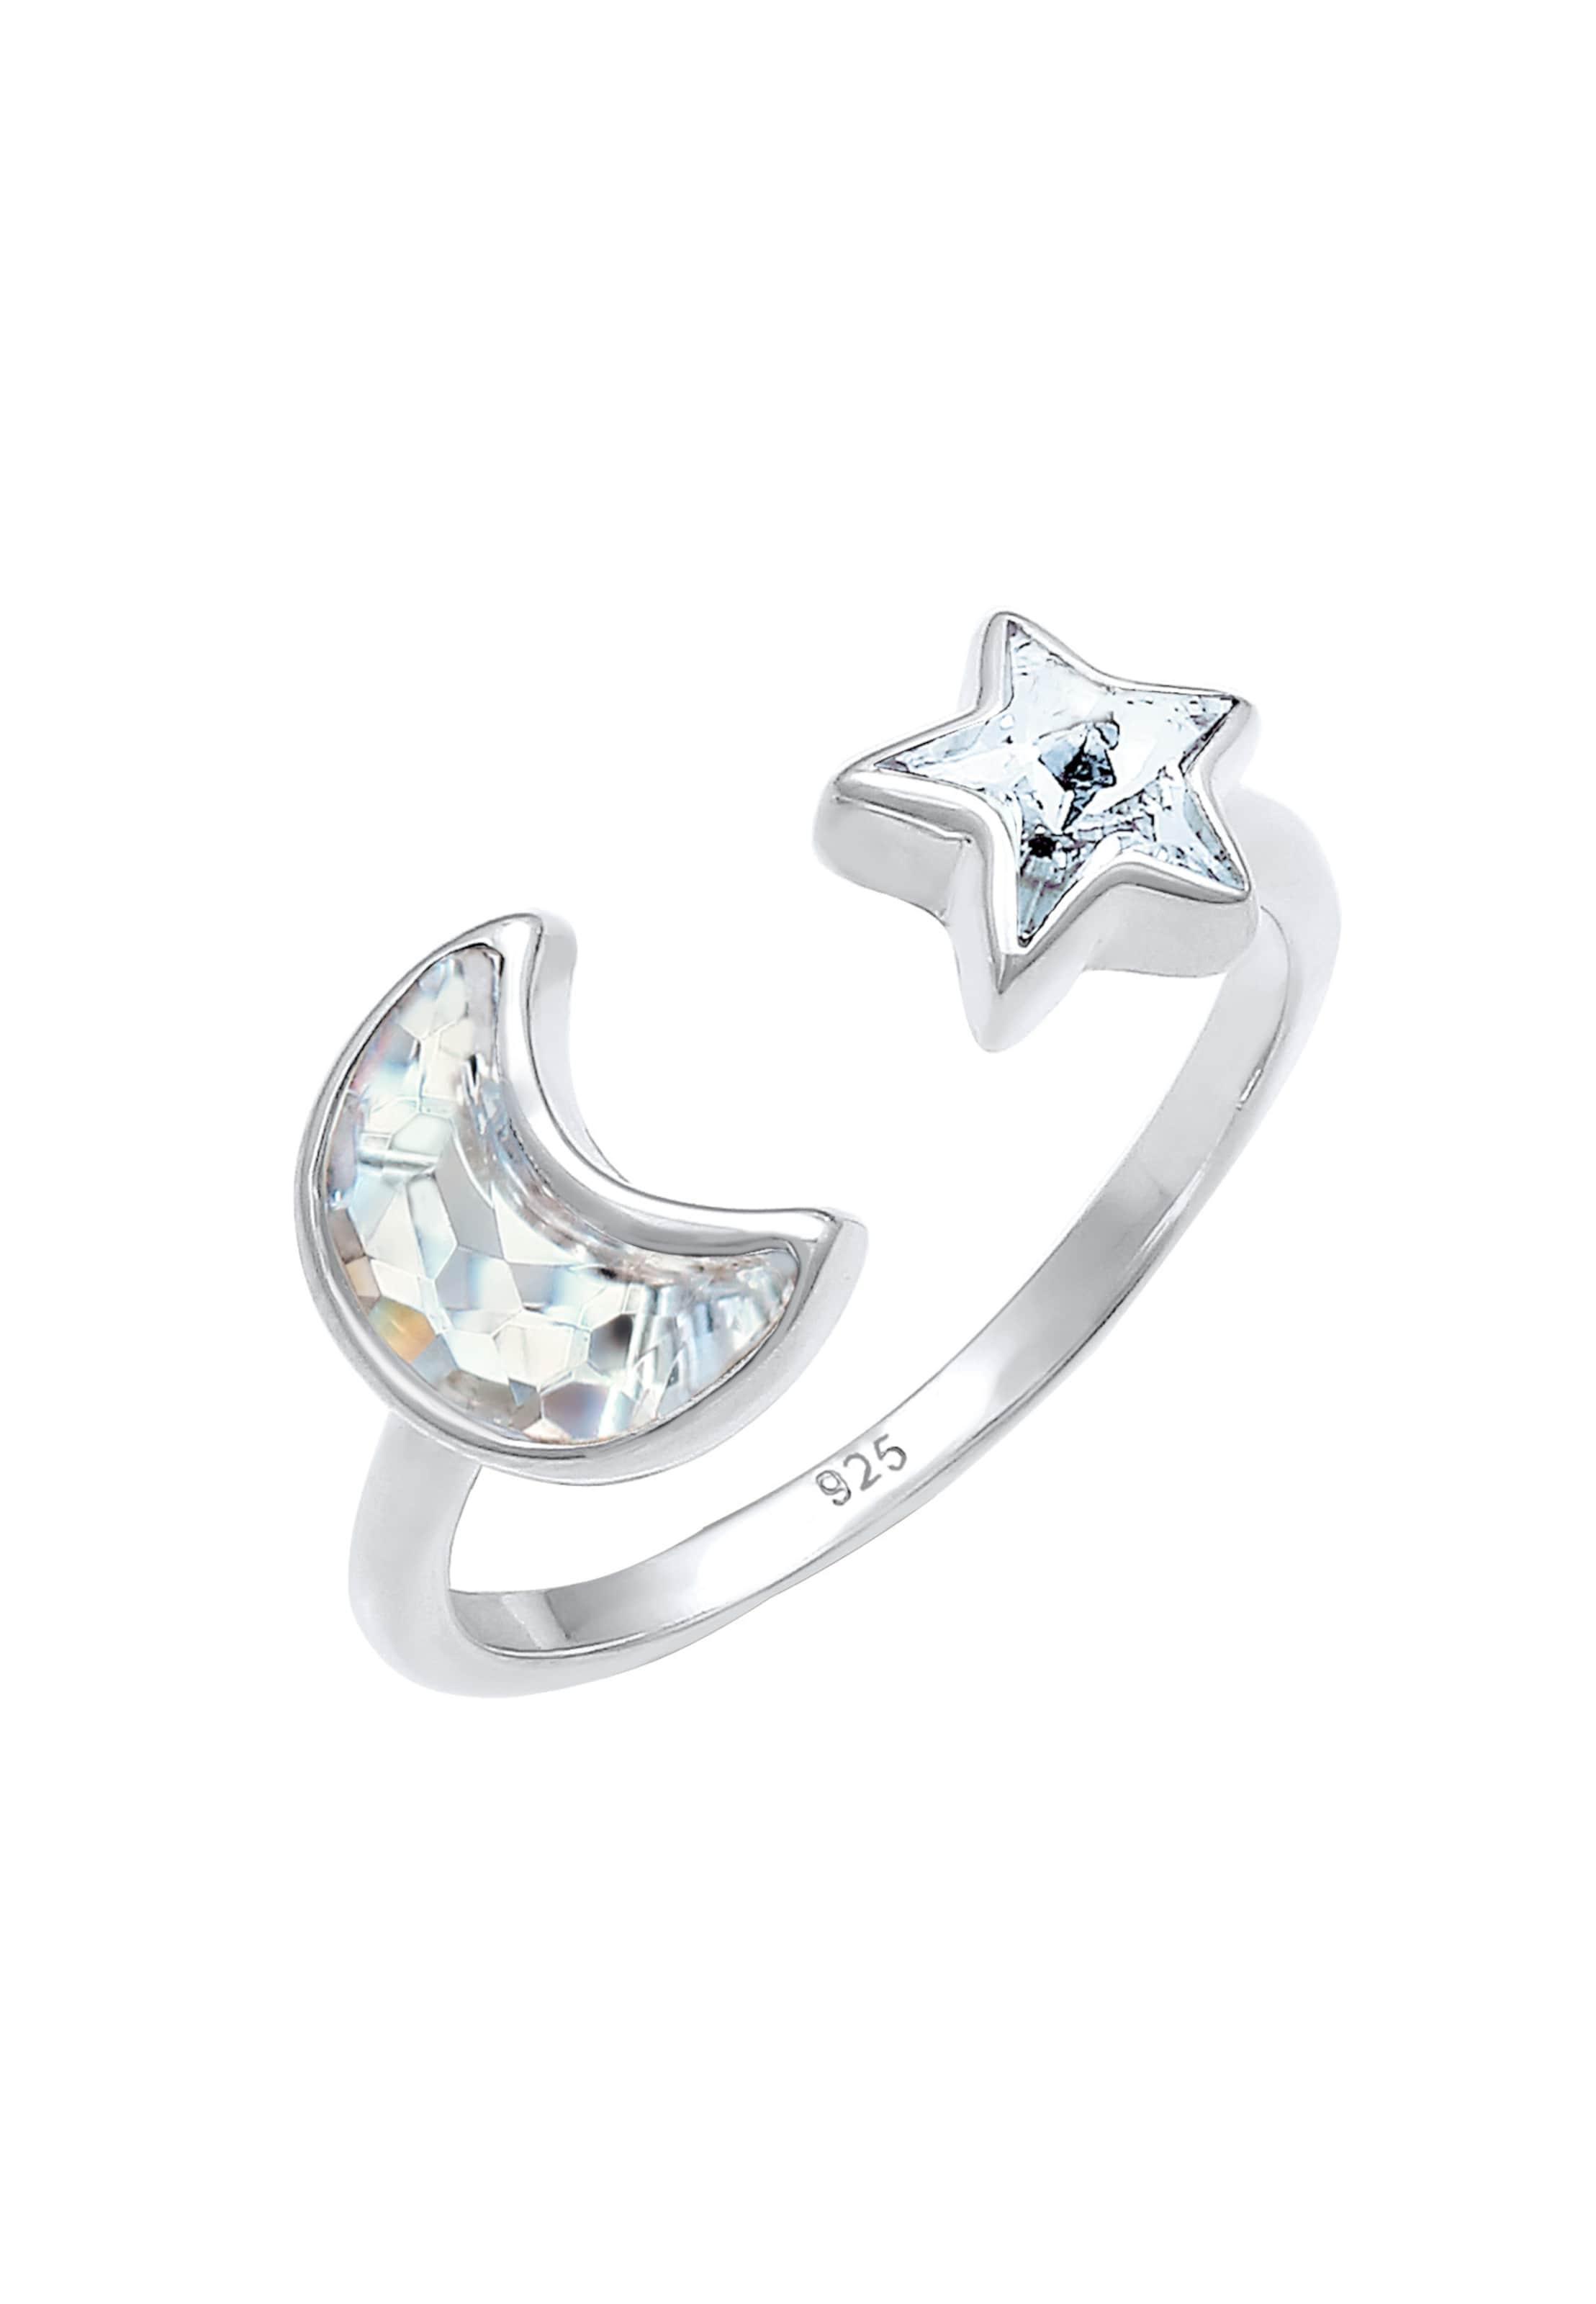 In Silber Elli 'halbmondSterne' Elli Ring Ring PwN8kZnOX0